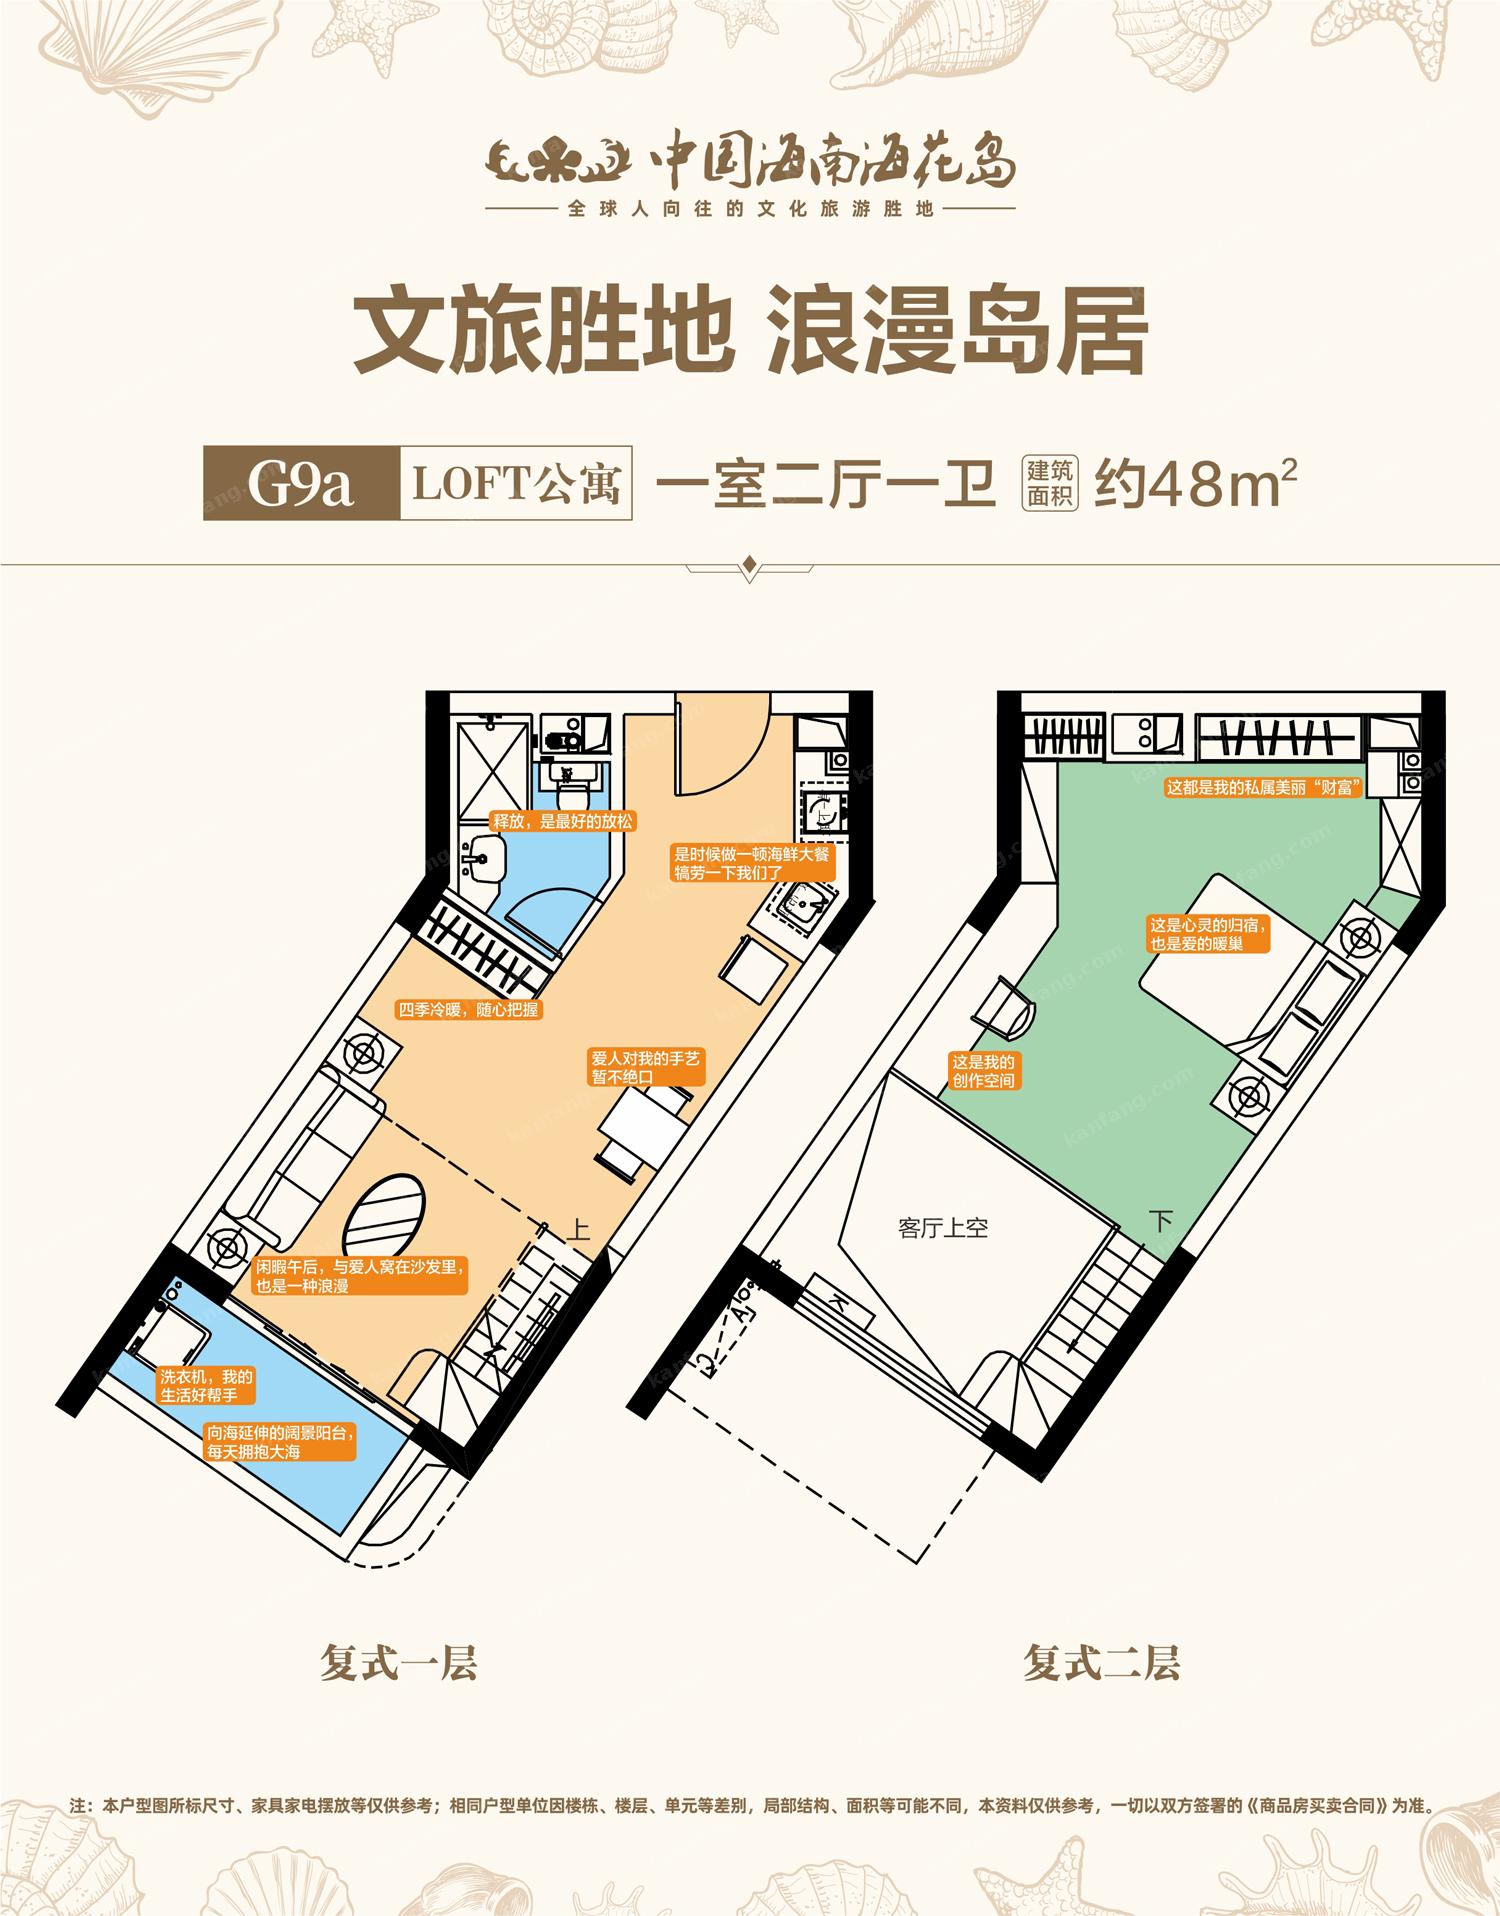 G9aLoft公寓